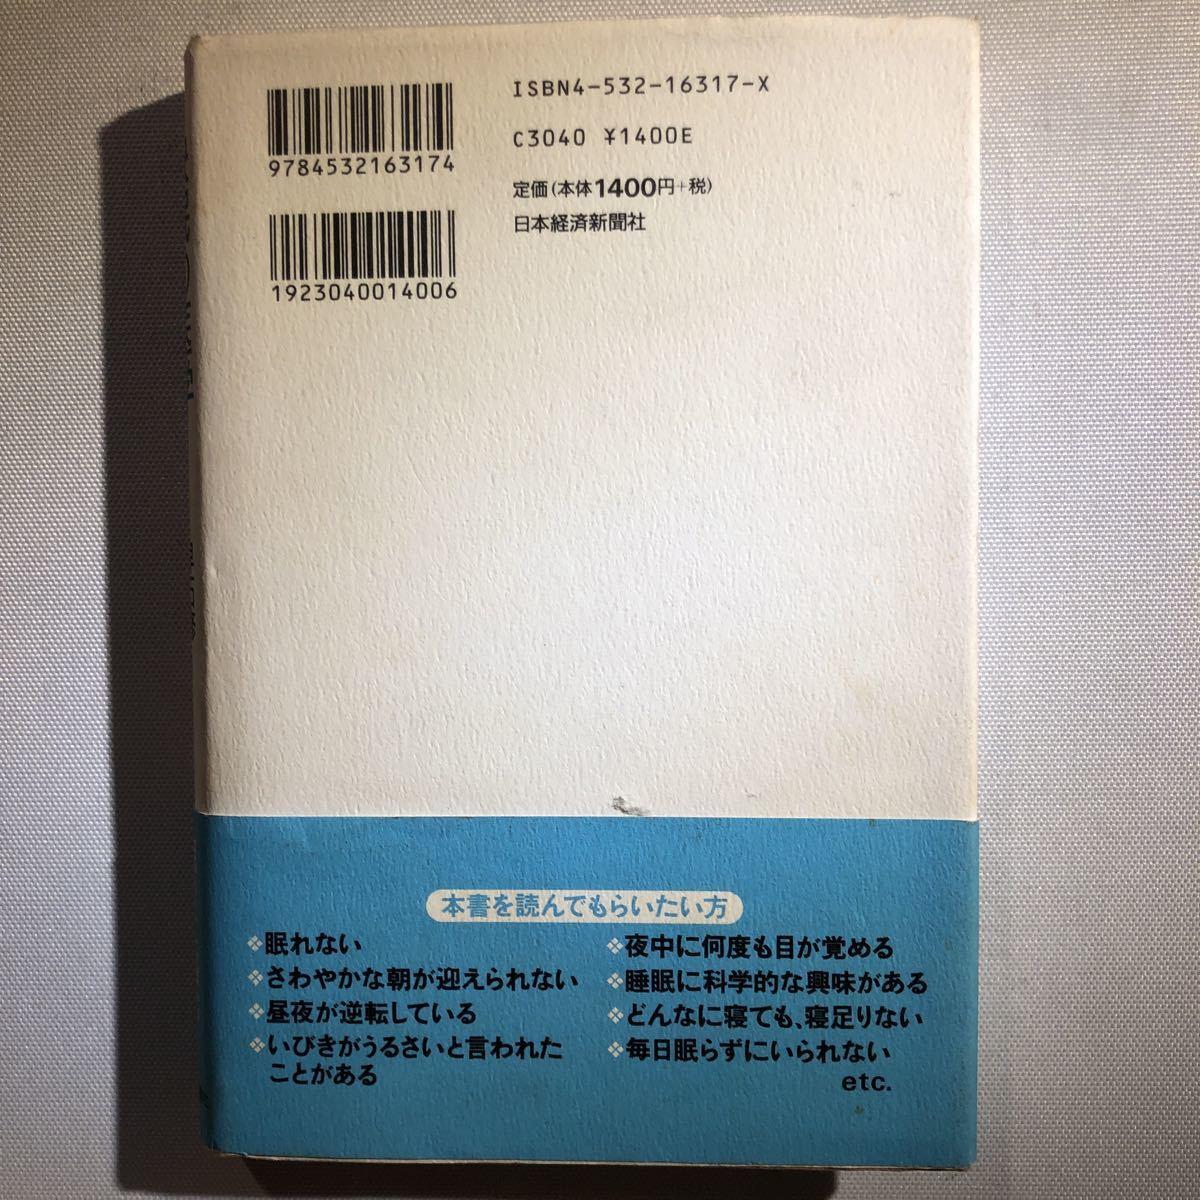 [送料無料] 中古品 単行本 快眠の医学 著:早石修・井上昌次郎_画像2